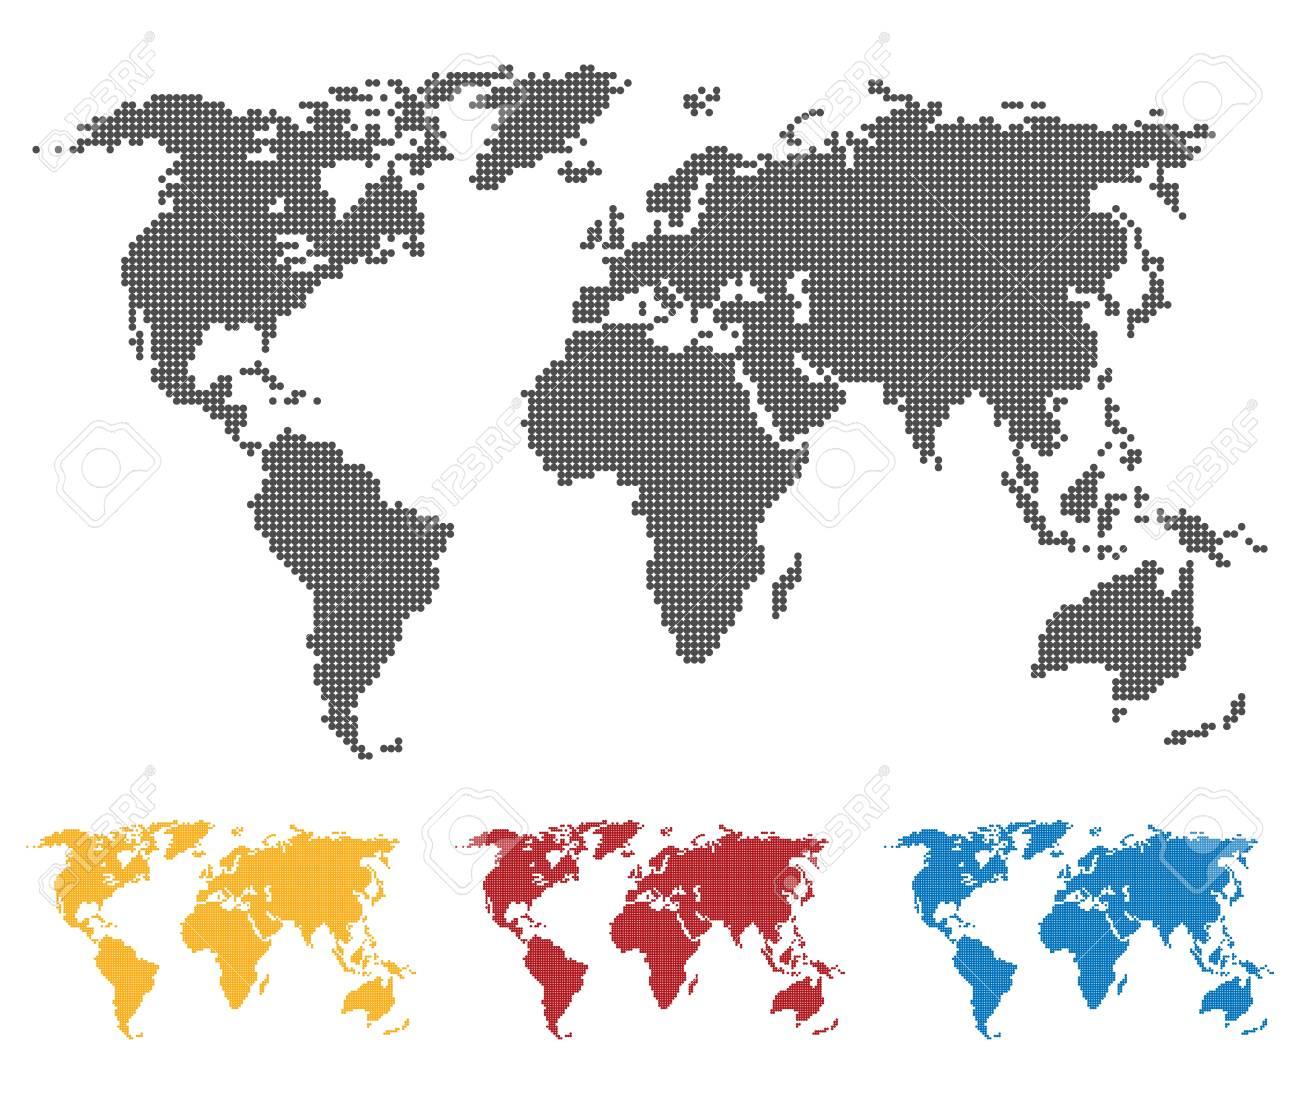 Carte Du Monde Jaune.Carte Du Monde Jaune Bleu Noir Rouge De La Banniere Camera Pixel Set Globe Web Icone Illustration Vectorielle Plane